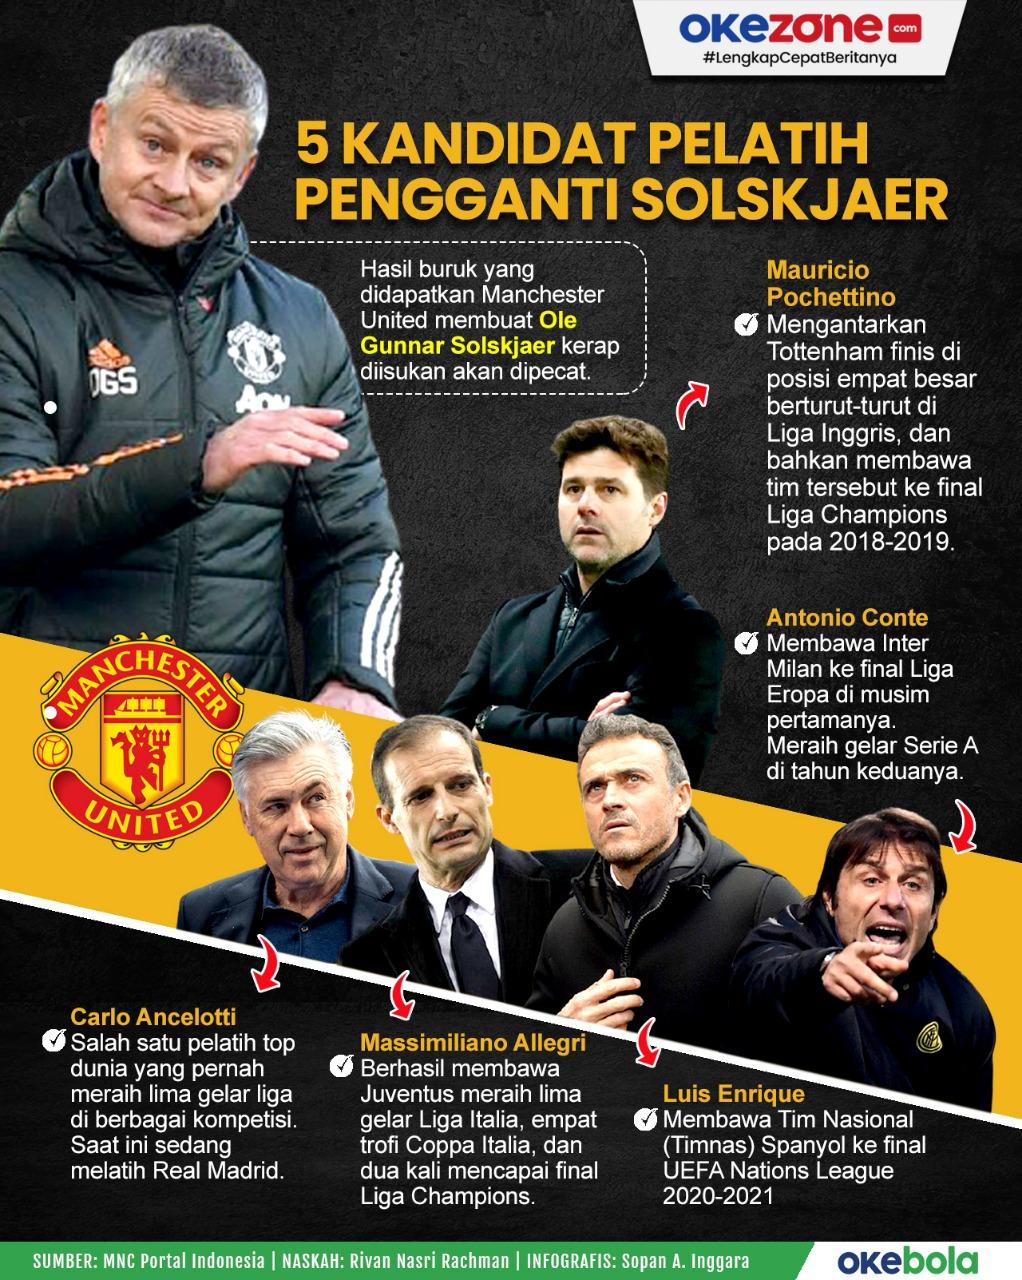 5 Kandidat Pelatih Pengganti Ole Gunnar Solskjaer di Manchester United -